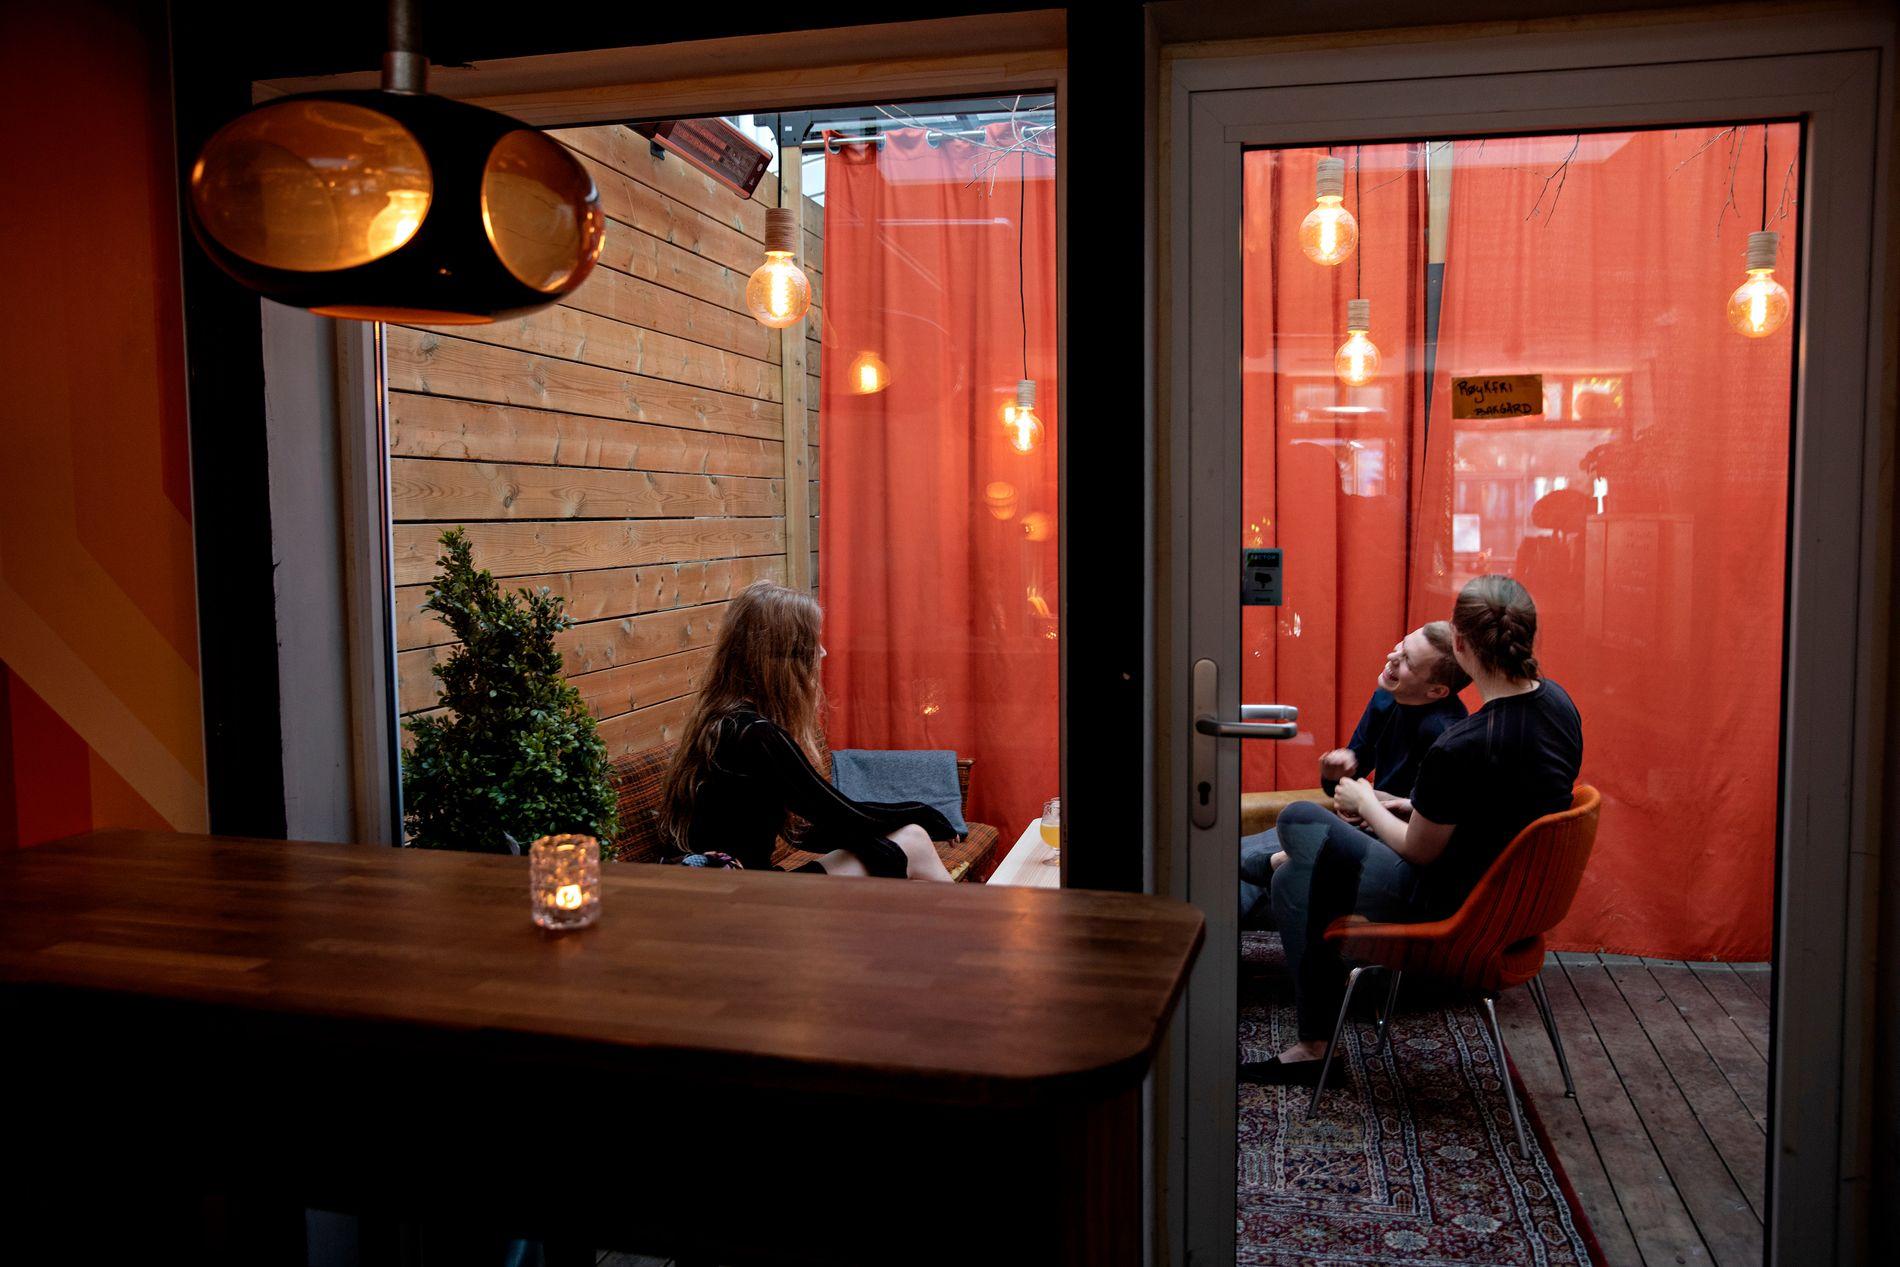 RØYKFRI: I den lille bakgården hos HEM kan man sitte i slitte møbler og nyte en øl.